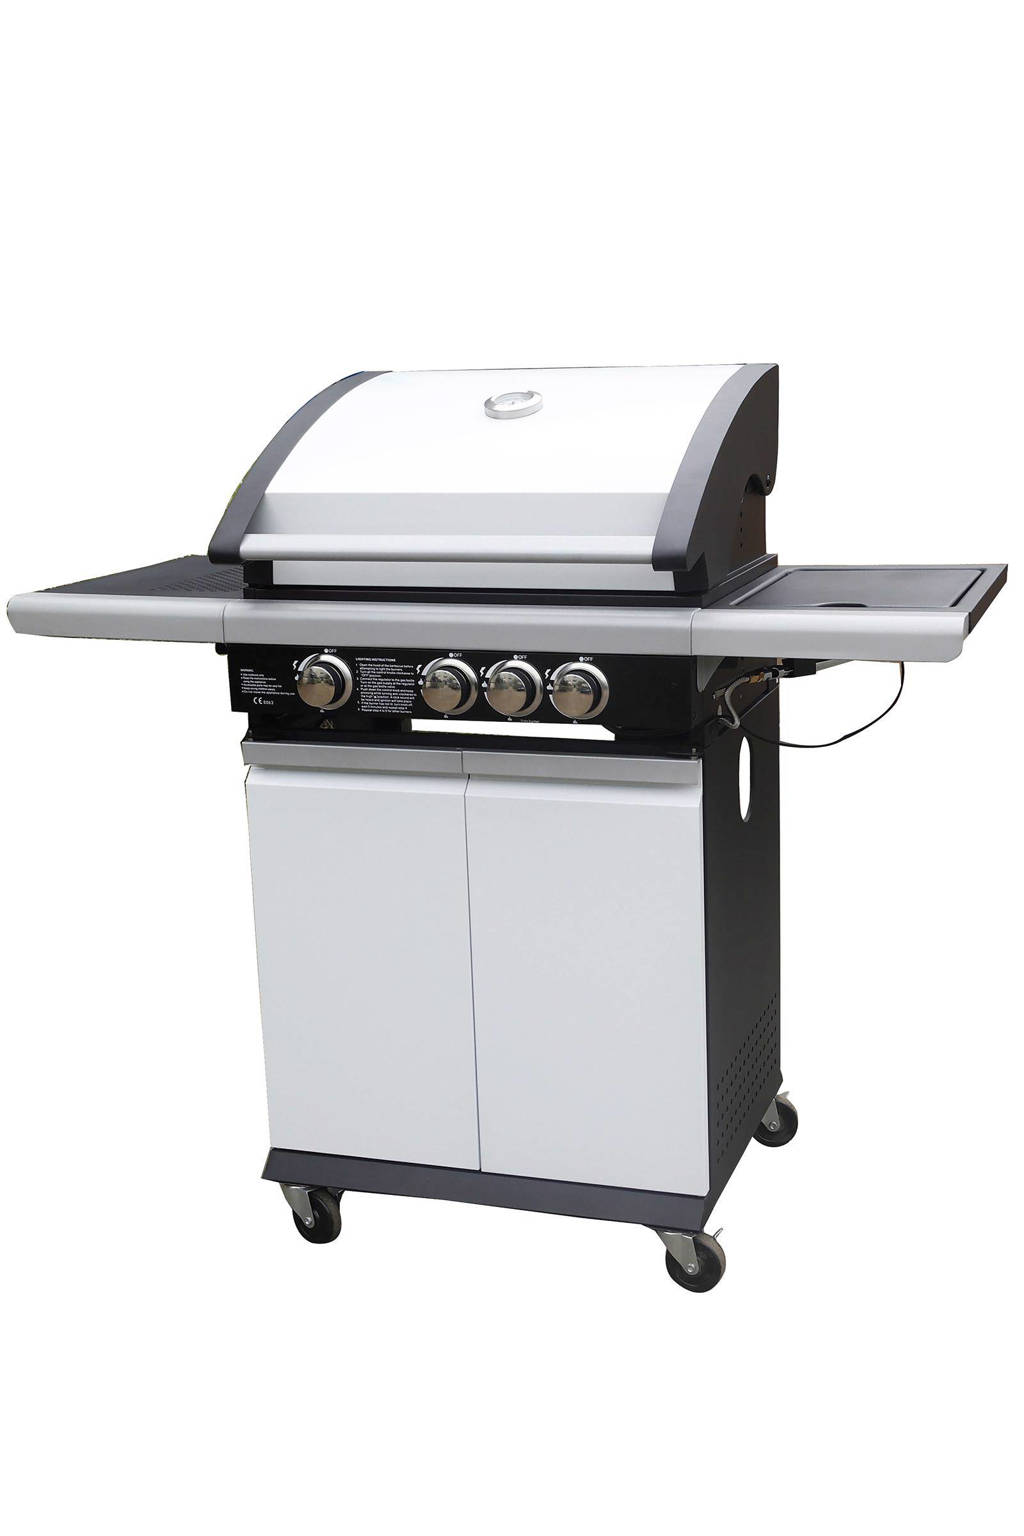 Patton Patio Chef 3+ gasbarbecue, Alpine White